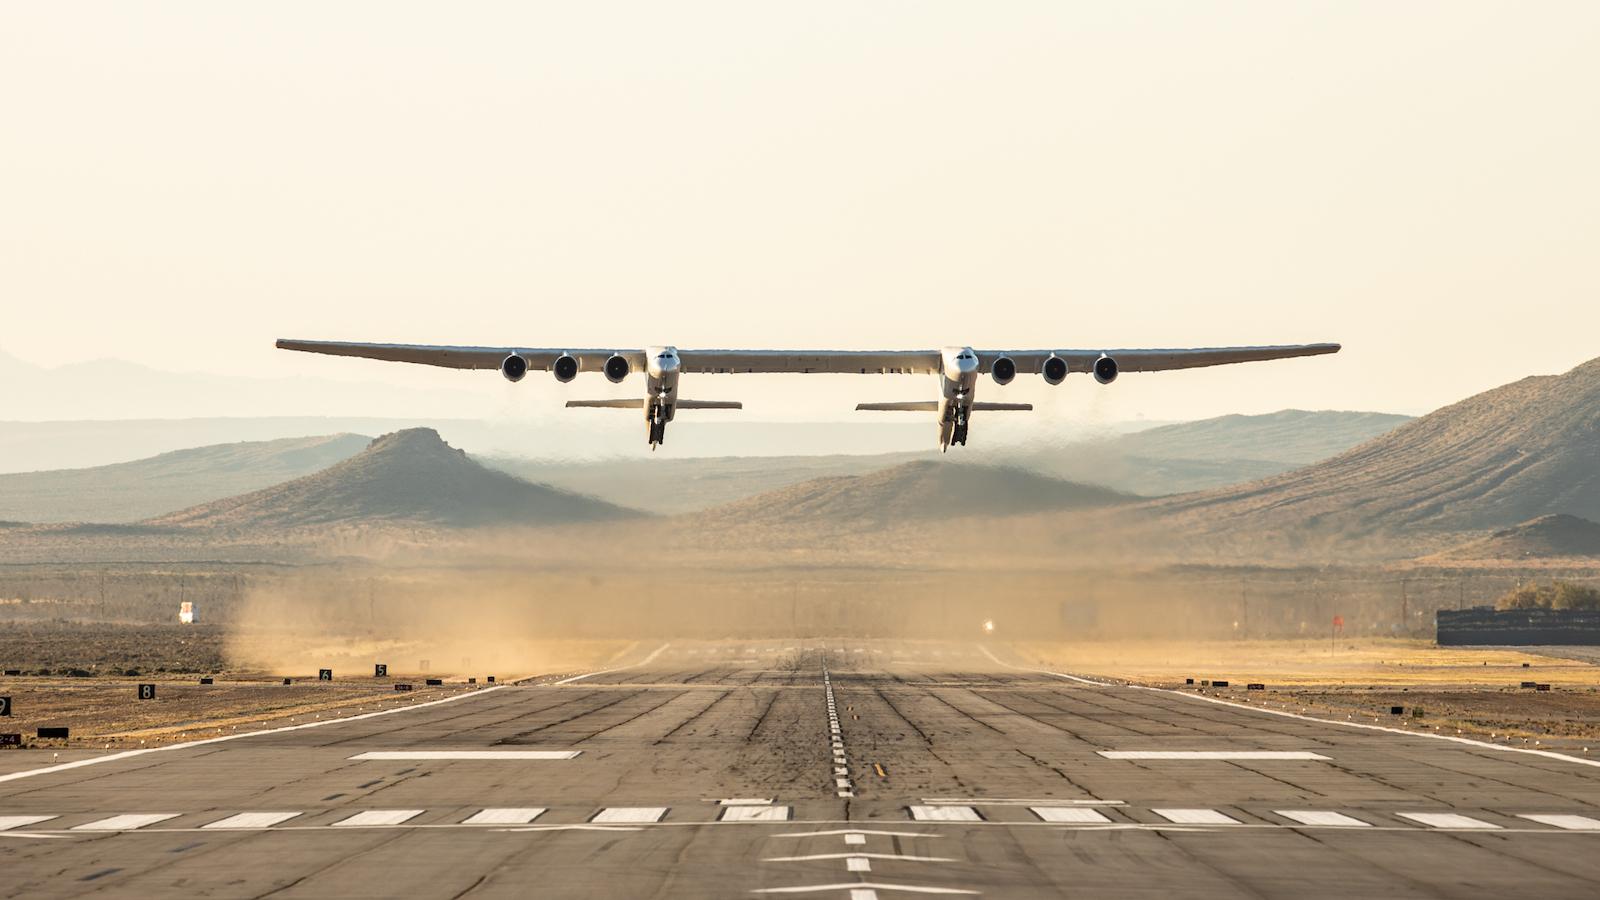 Obrázek: Jedinečný pohled: Největší letadlo na světě Stratolaunch poprvé vzlétlo